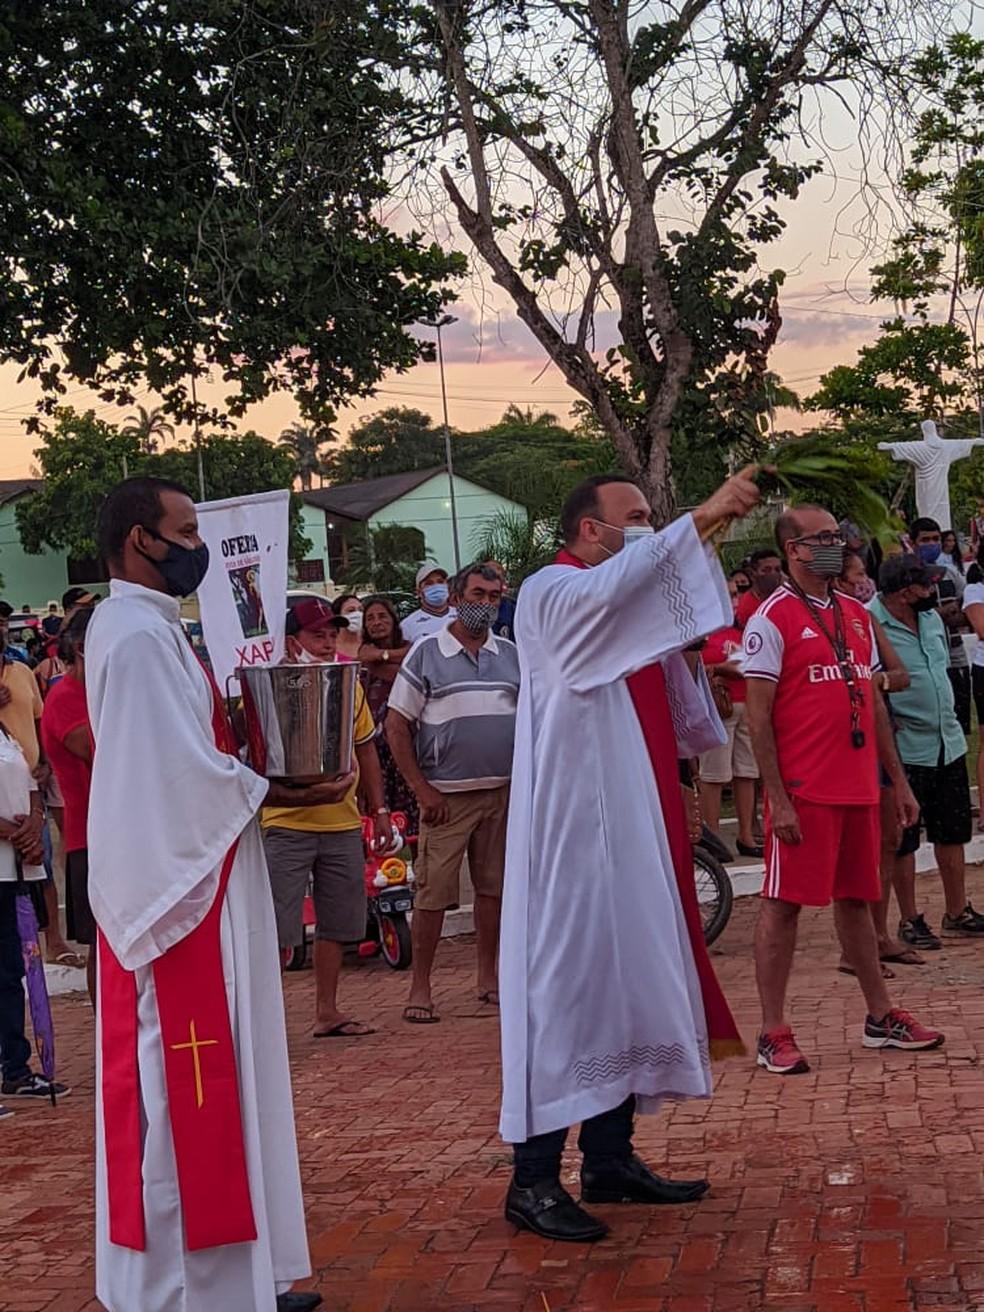 Padre abençoou as pessoas na frente da igreja — Foto: Maria Eduarda/arquivo pessoal